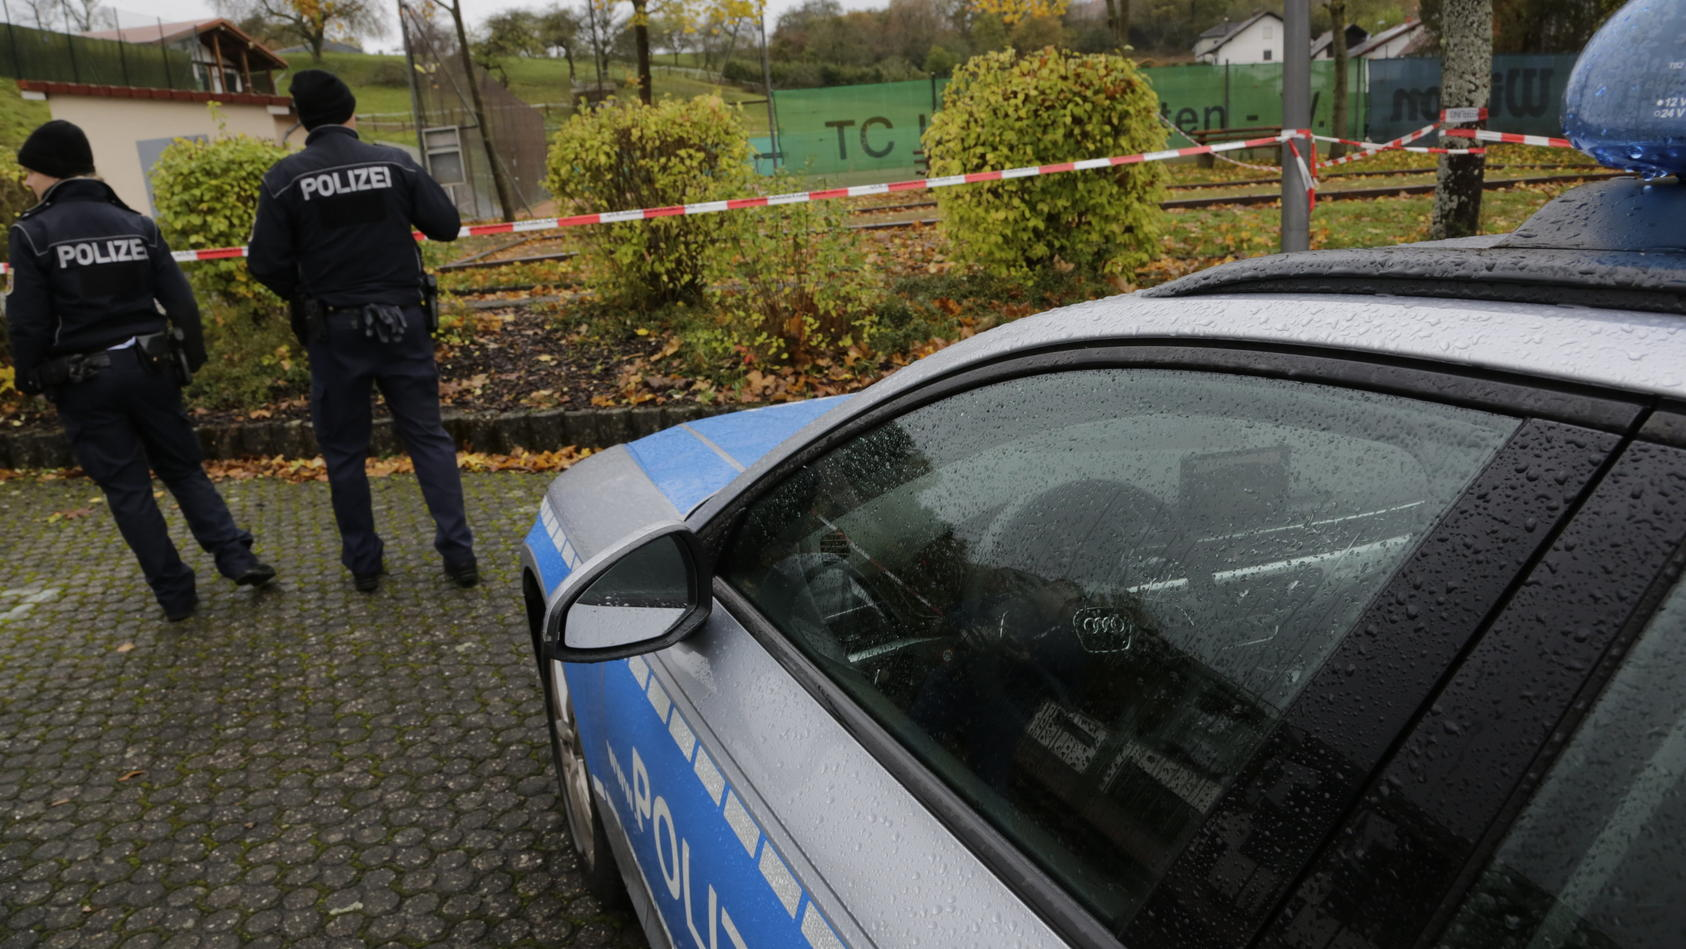 Mann mit Axt von Polizei erschossen